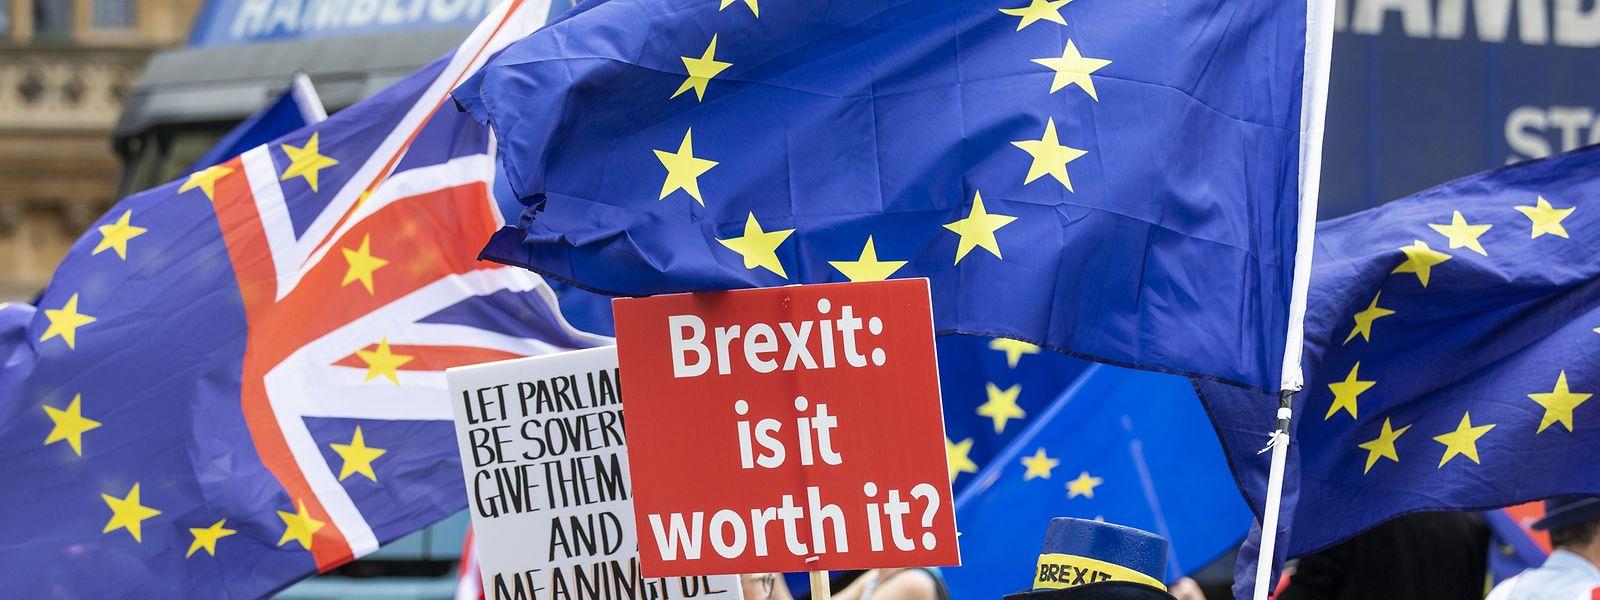 La hausse des produits d'assurance non vie s'explique par la relocalisation de compagnies d'assurance au Luxembourg dans le contexte du Brexit